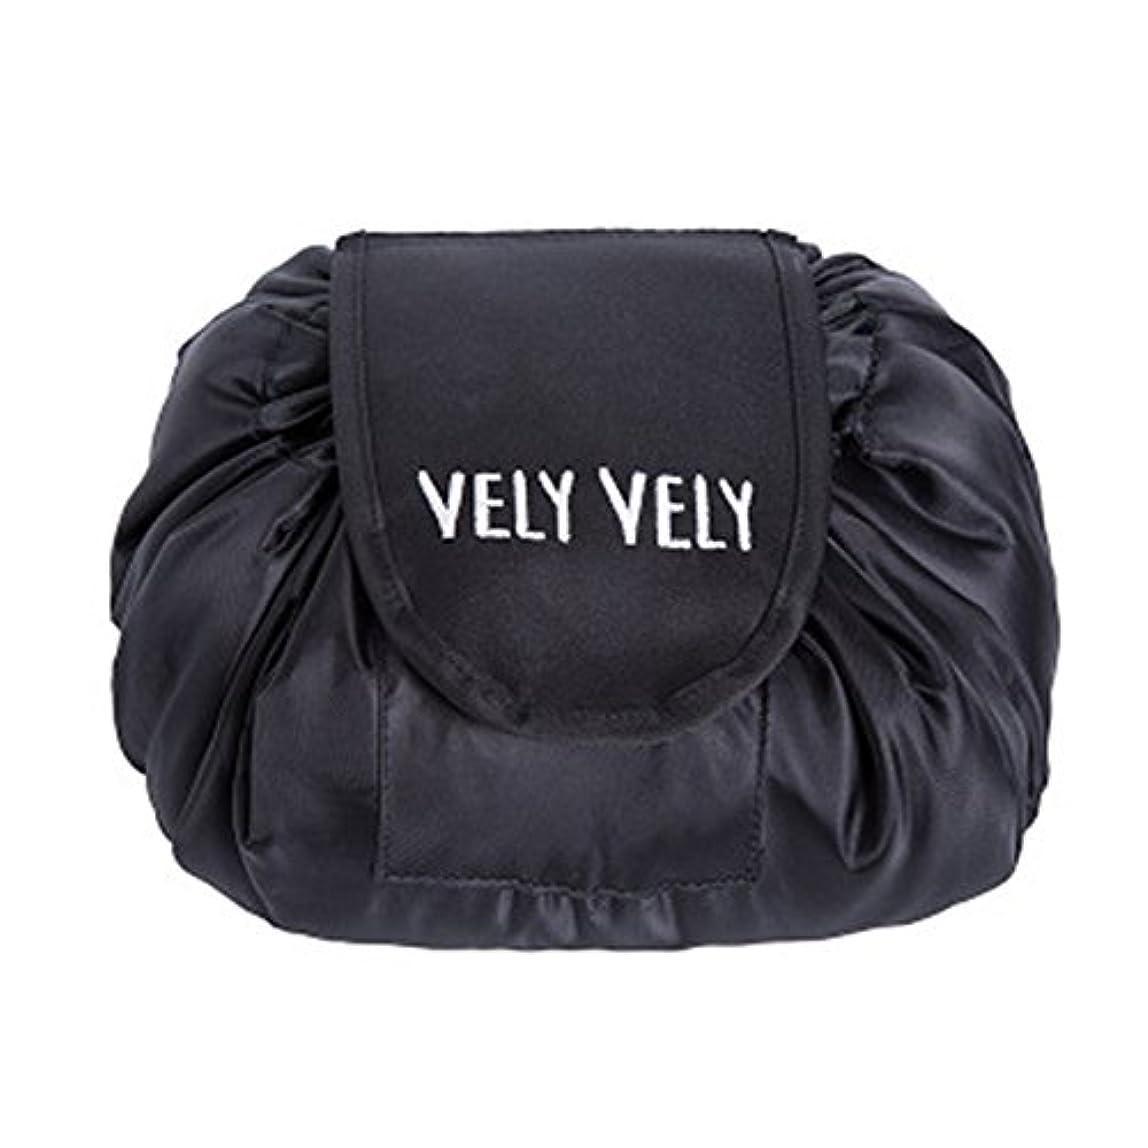 インターネットちなみに予言するLittleliving 旅行メイクバッグ 旅行化粧バッグ メイク収納バッグ 化粧ポーチ 大容量 巾着 マジックふろしきポーチ